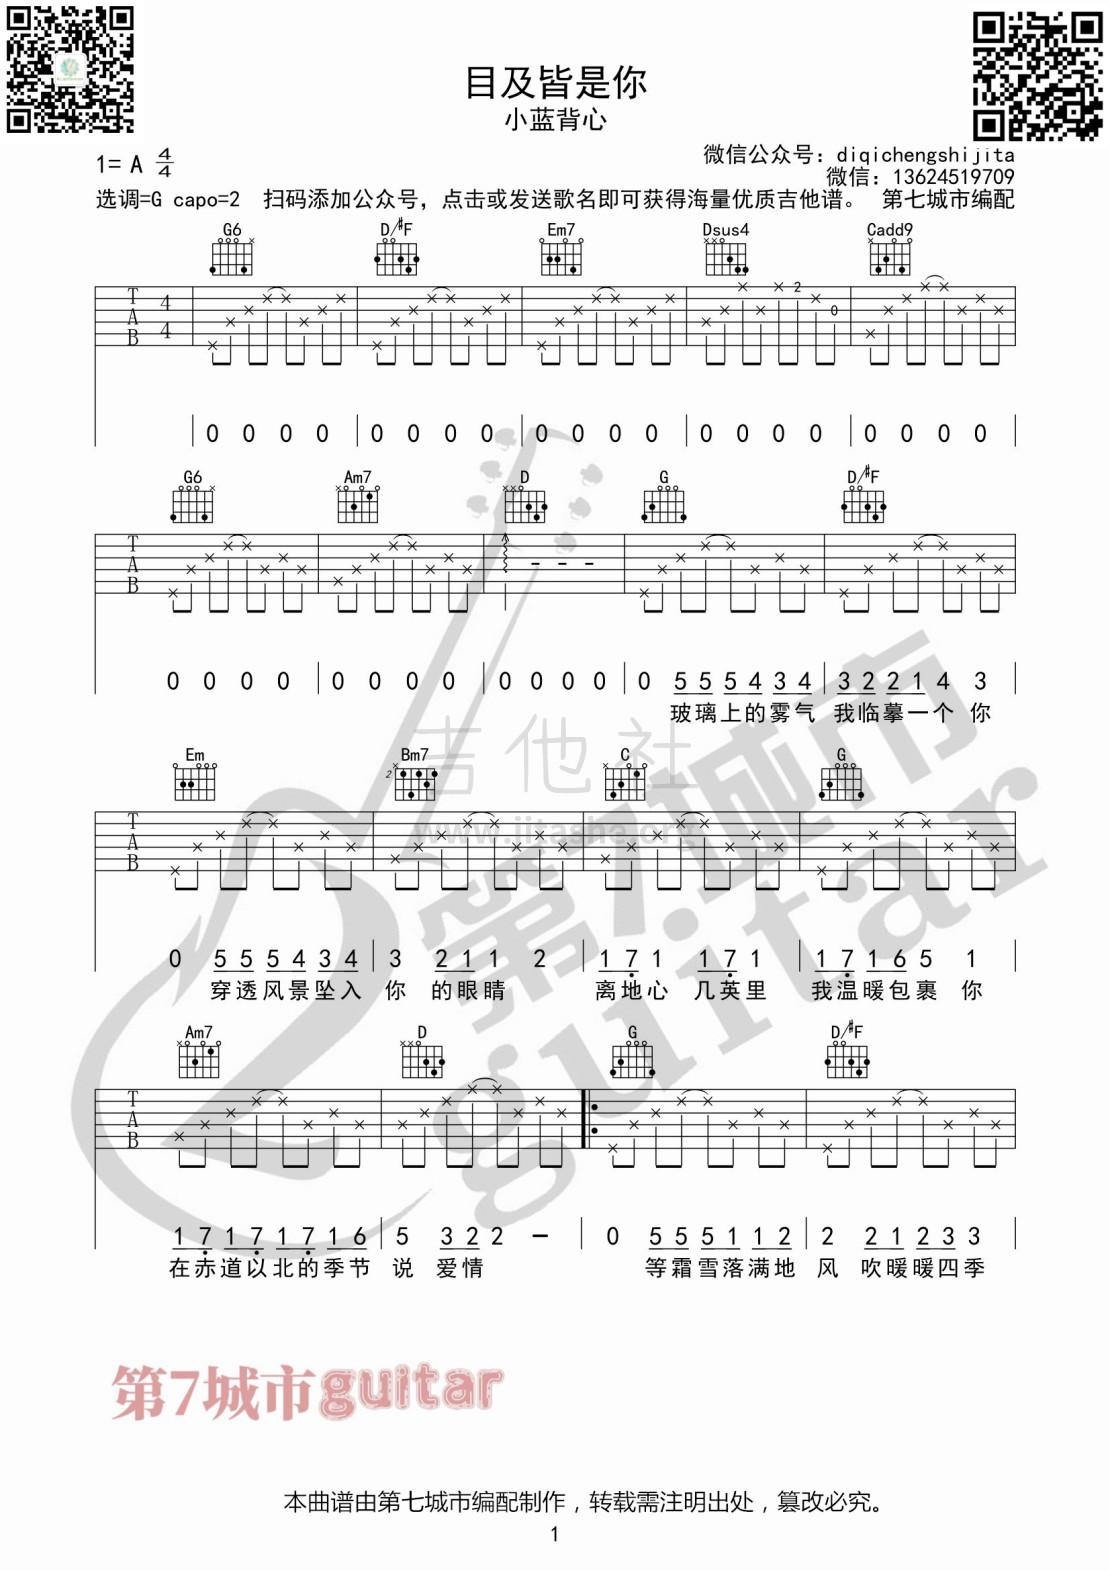 目及皆是你吉他谱(图片谱,目及皆是你,吉他谱,小蓝背心)_小蓝背心_目及皆是你水印01.jpg